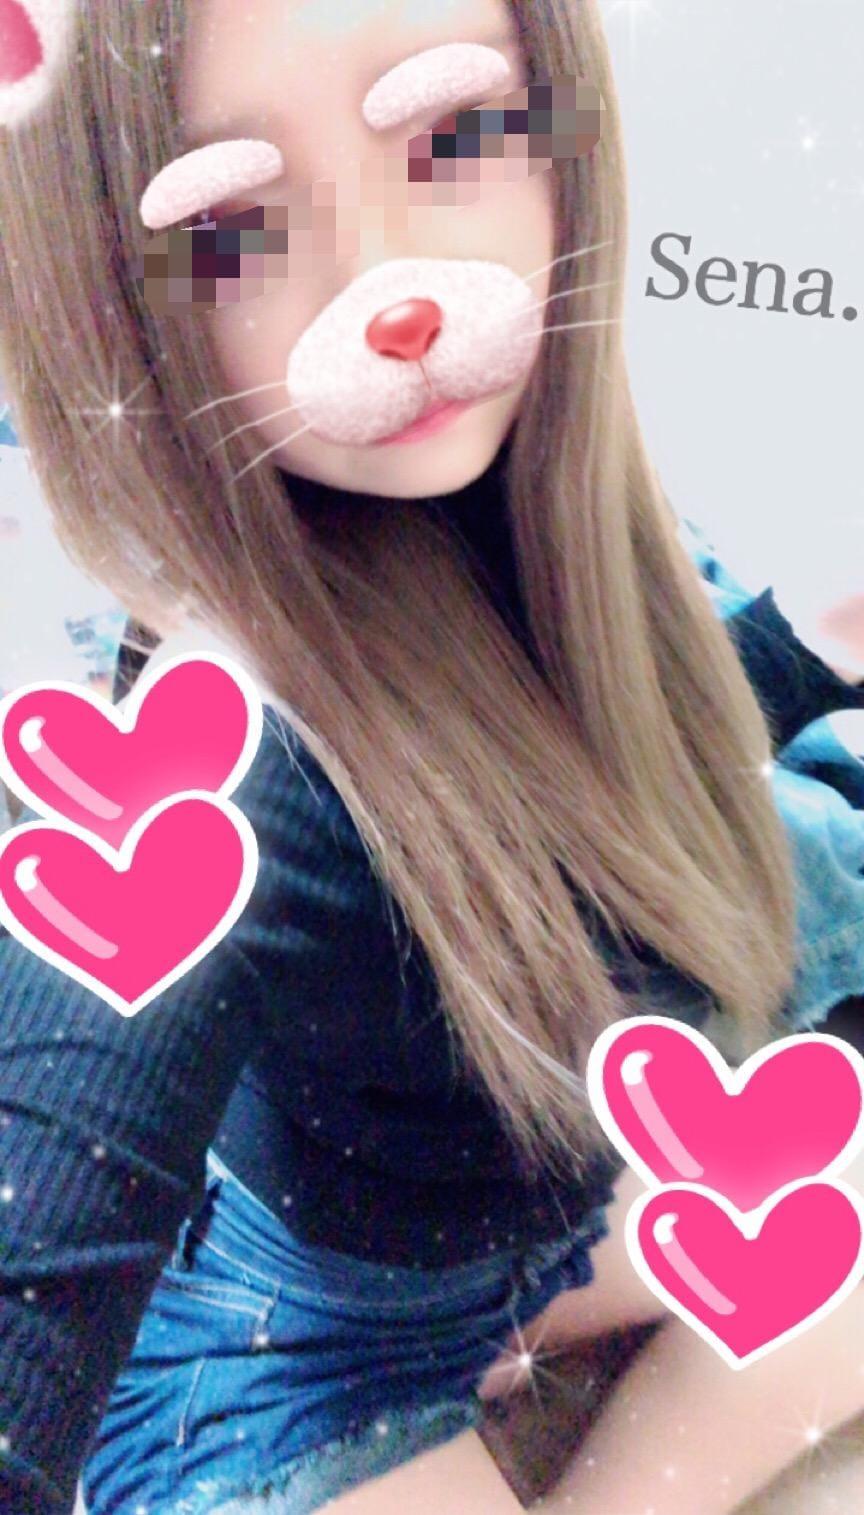 「♡」05/15(火) 12:34 | キュートなギャル!!せなちゃんの写メ・風俗動画